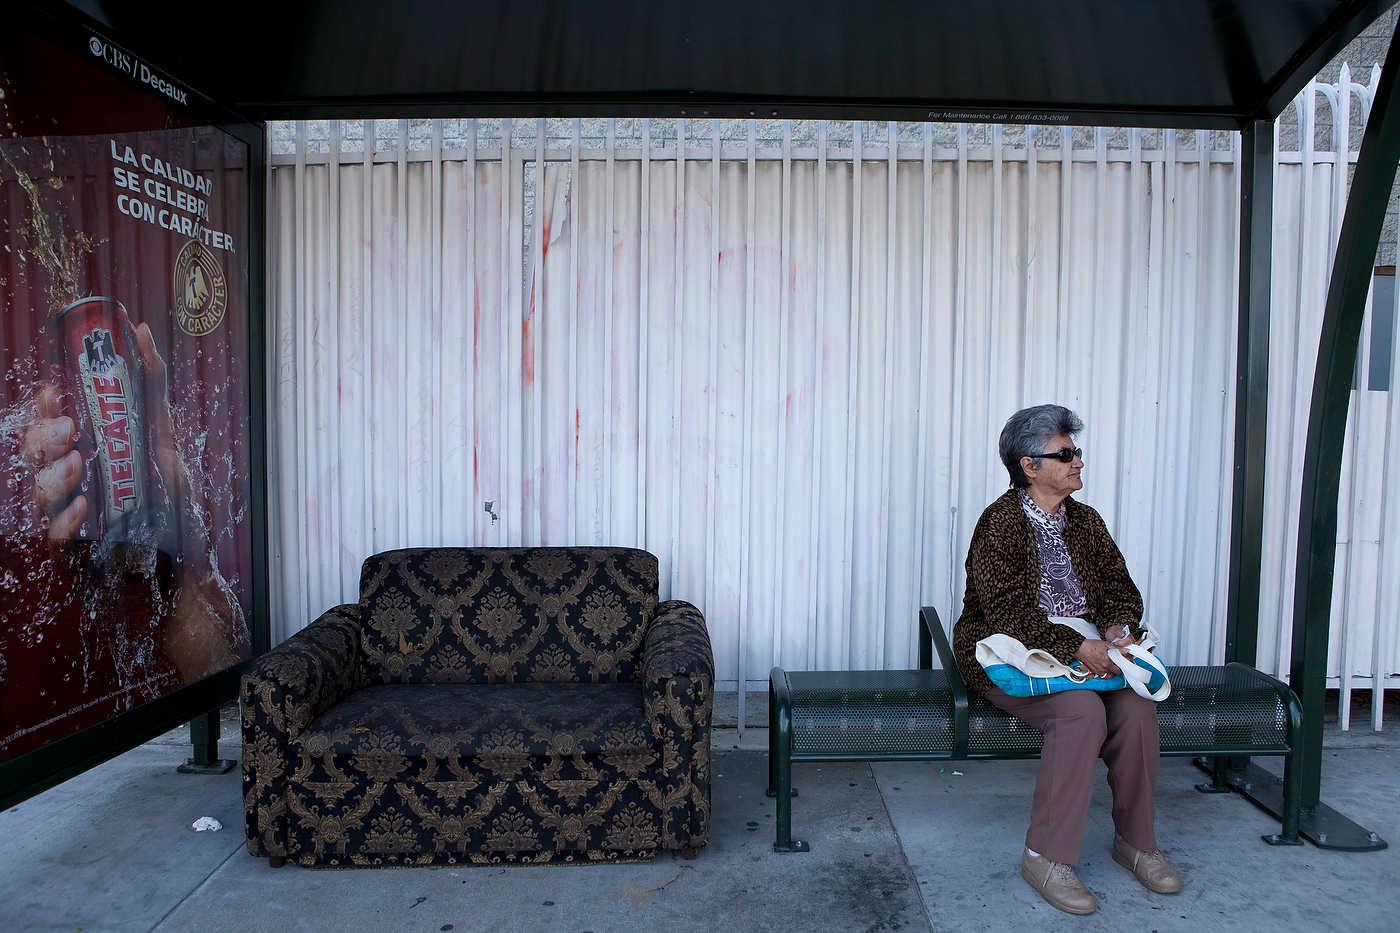 Bus stop, Cesar Chavez Ave., East LA, Line 68.